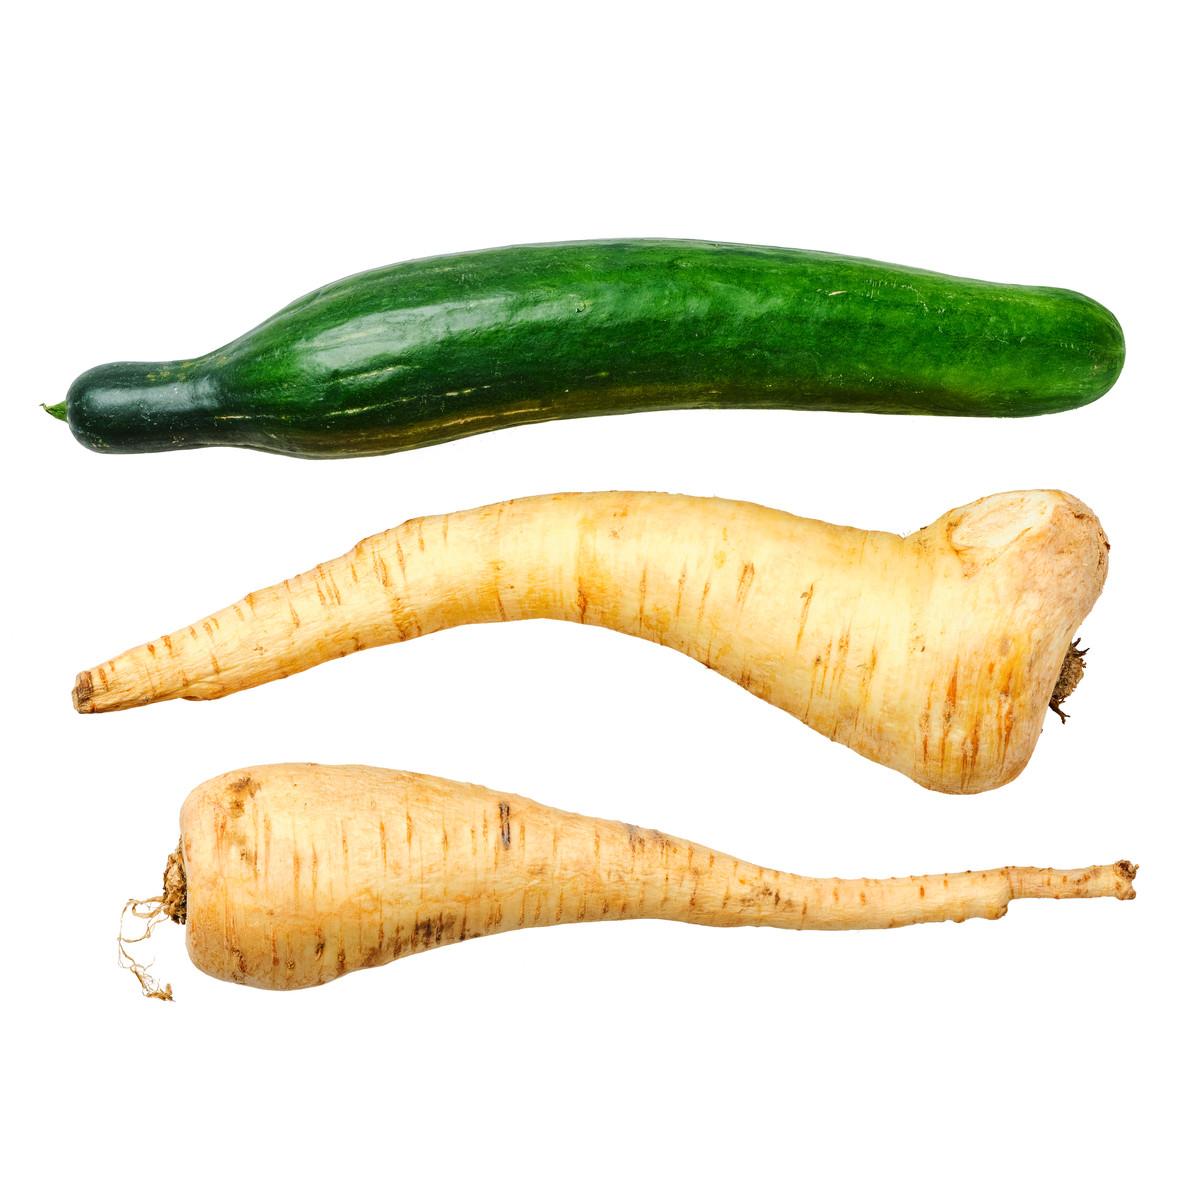 20200228_Gemüse:Obst_Freisteller_32.jpg